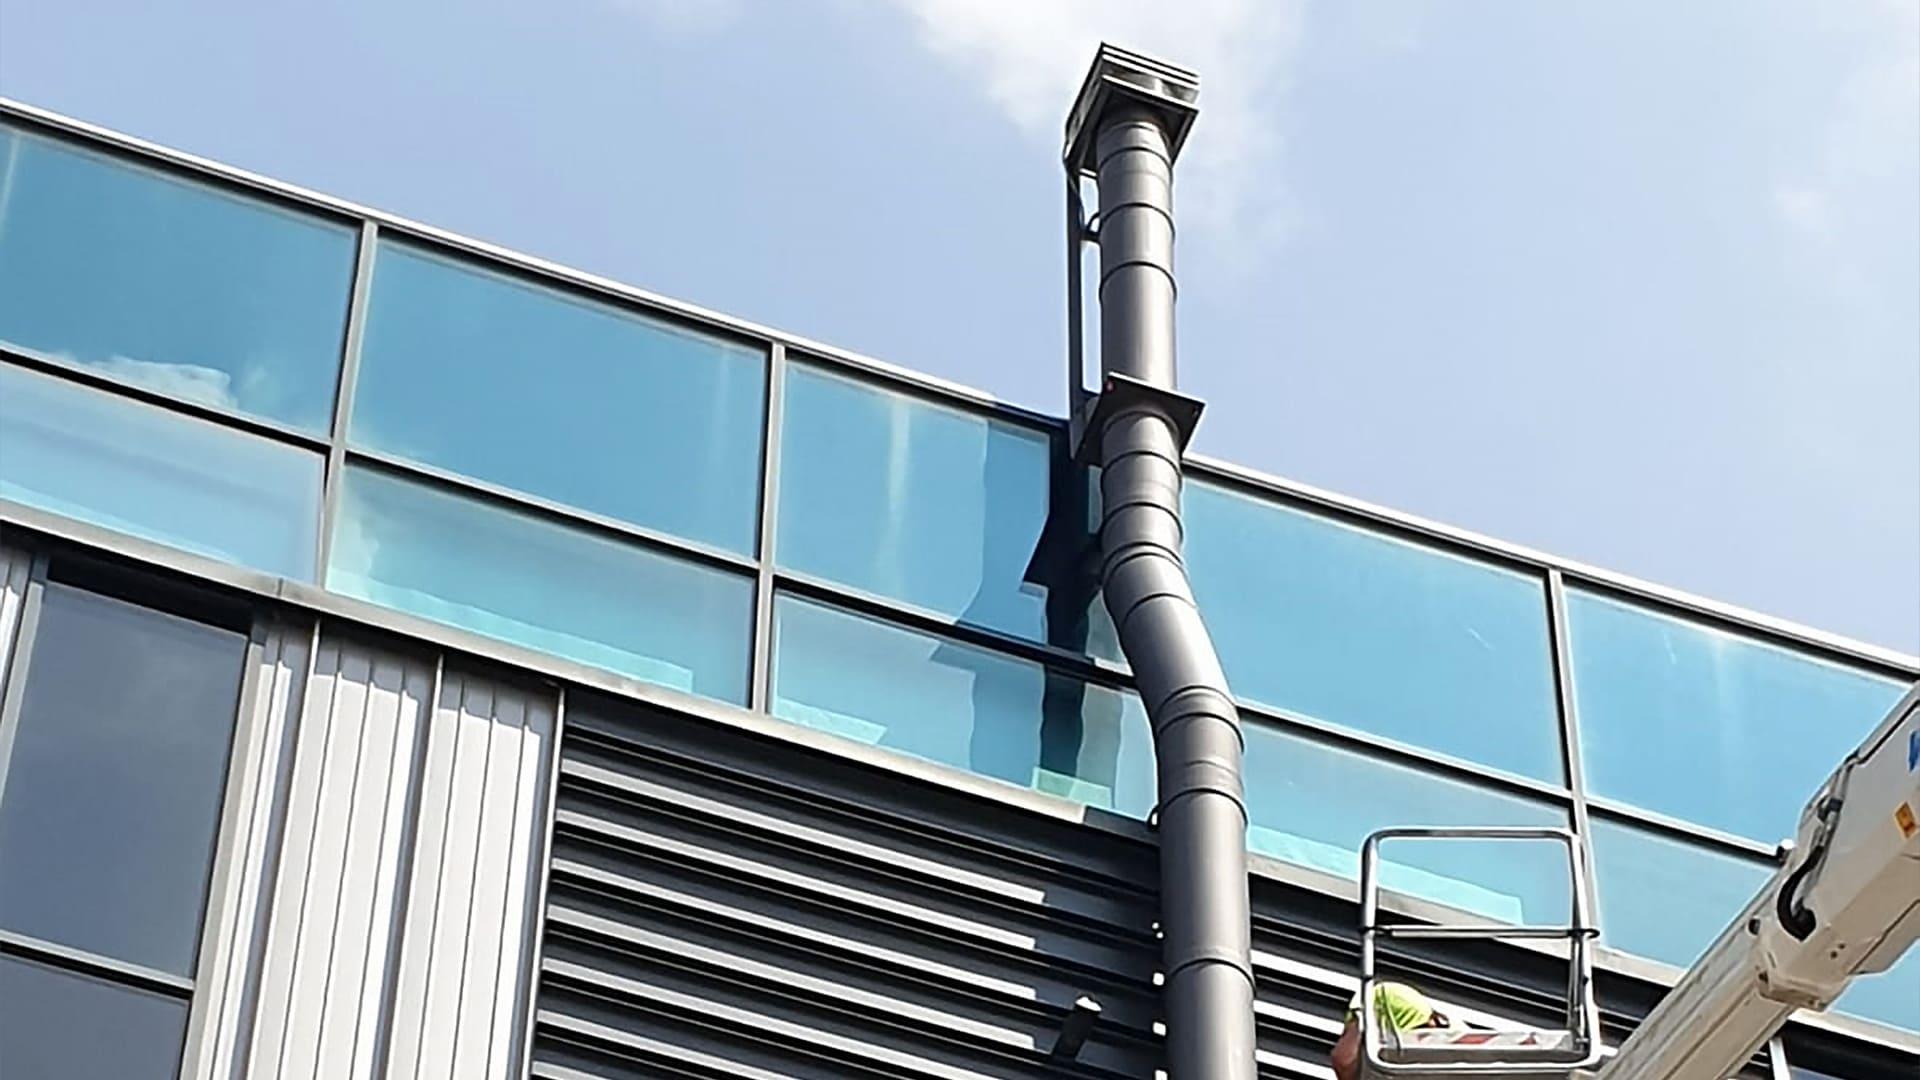 Progettazione e installazione di canna fumaria in ristorante a Bergamo